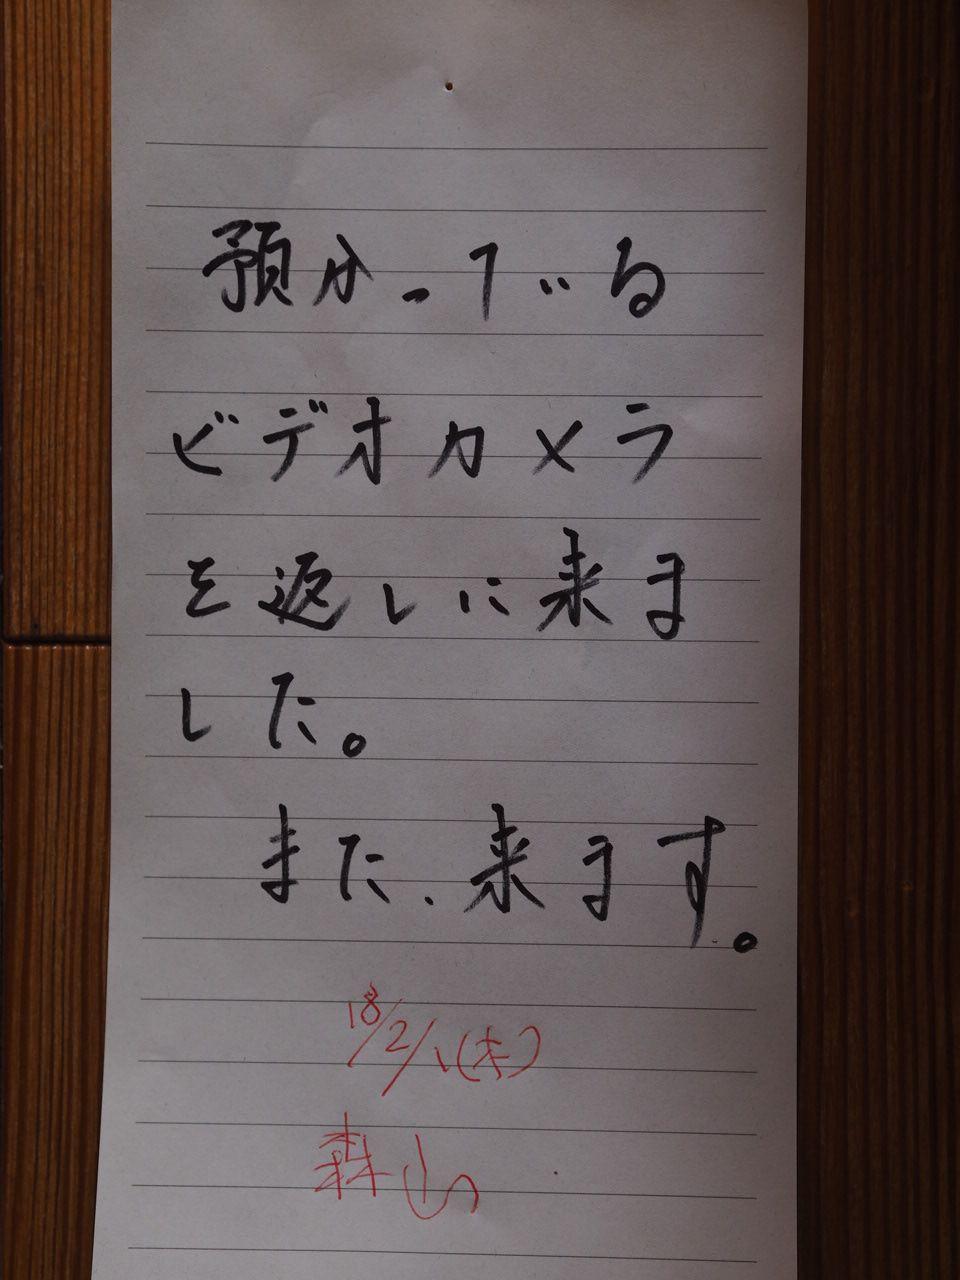 藤井深の日記 木曽警察署森山琢磨預かり物証